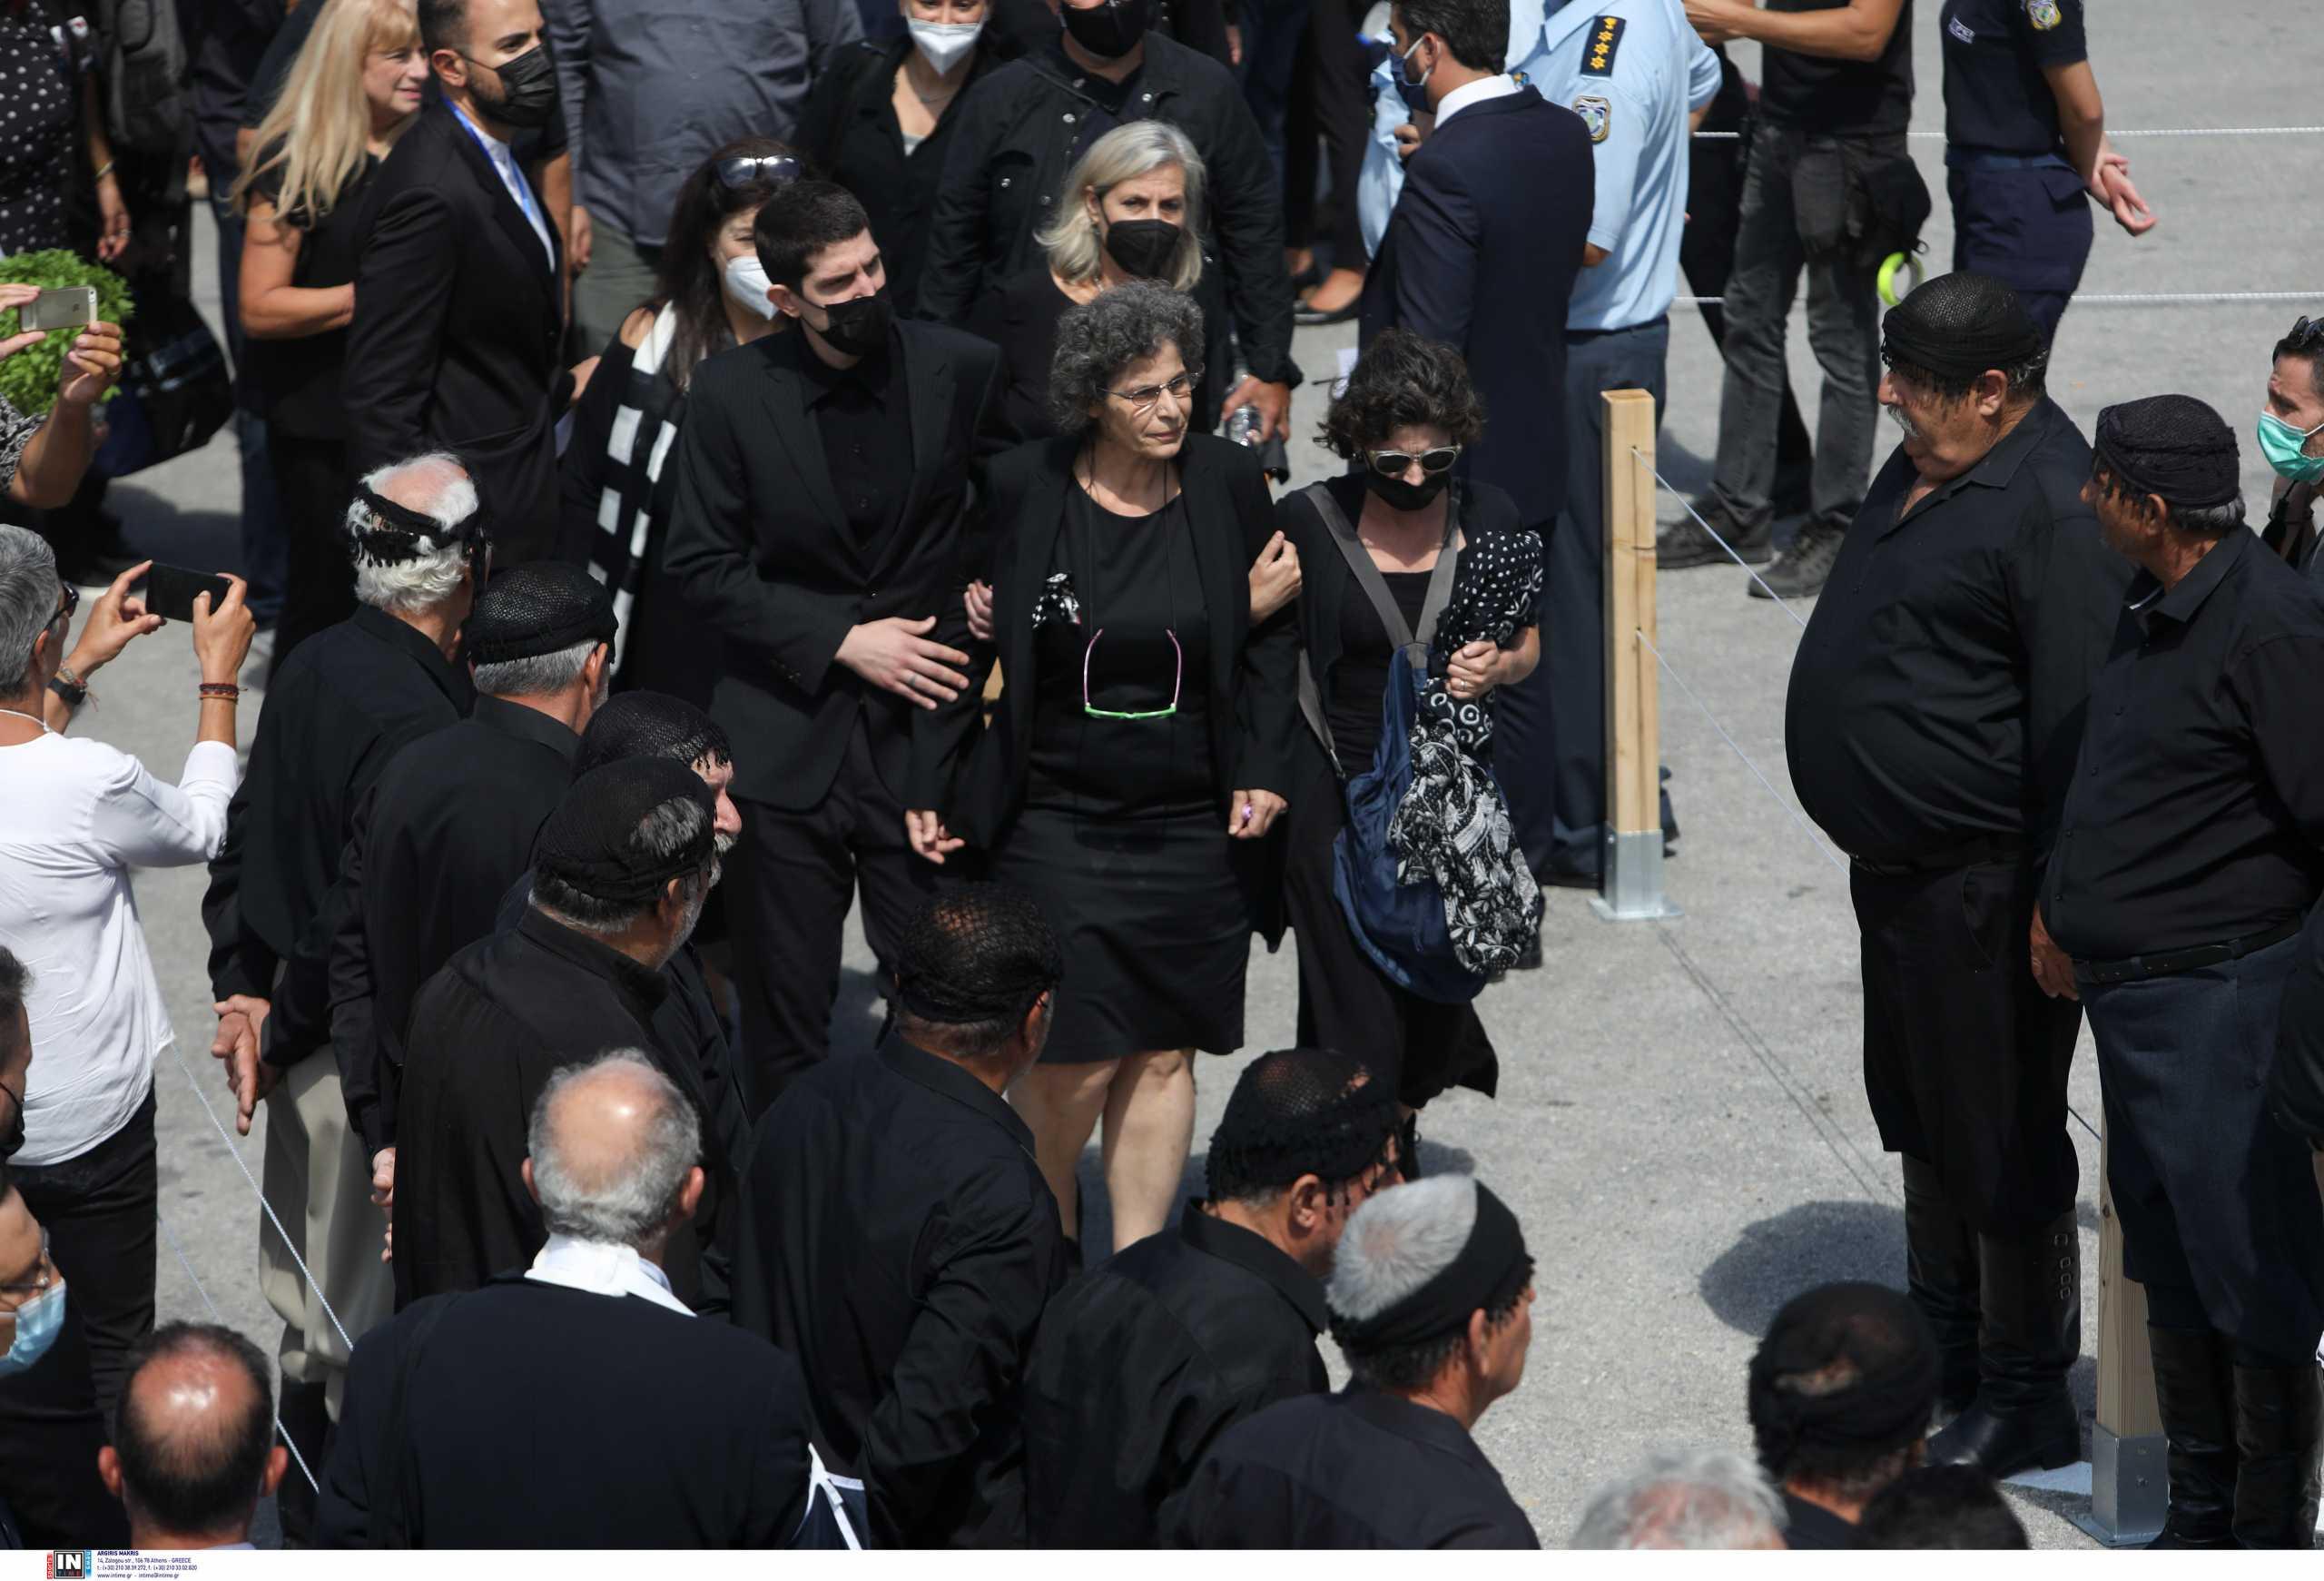 Κηδεία Μίκη Θεοδωράκη: Με το «Παληκάρι» τον αποχαιρέτισε η Μαργαρίτα του